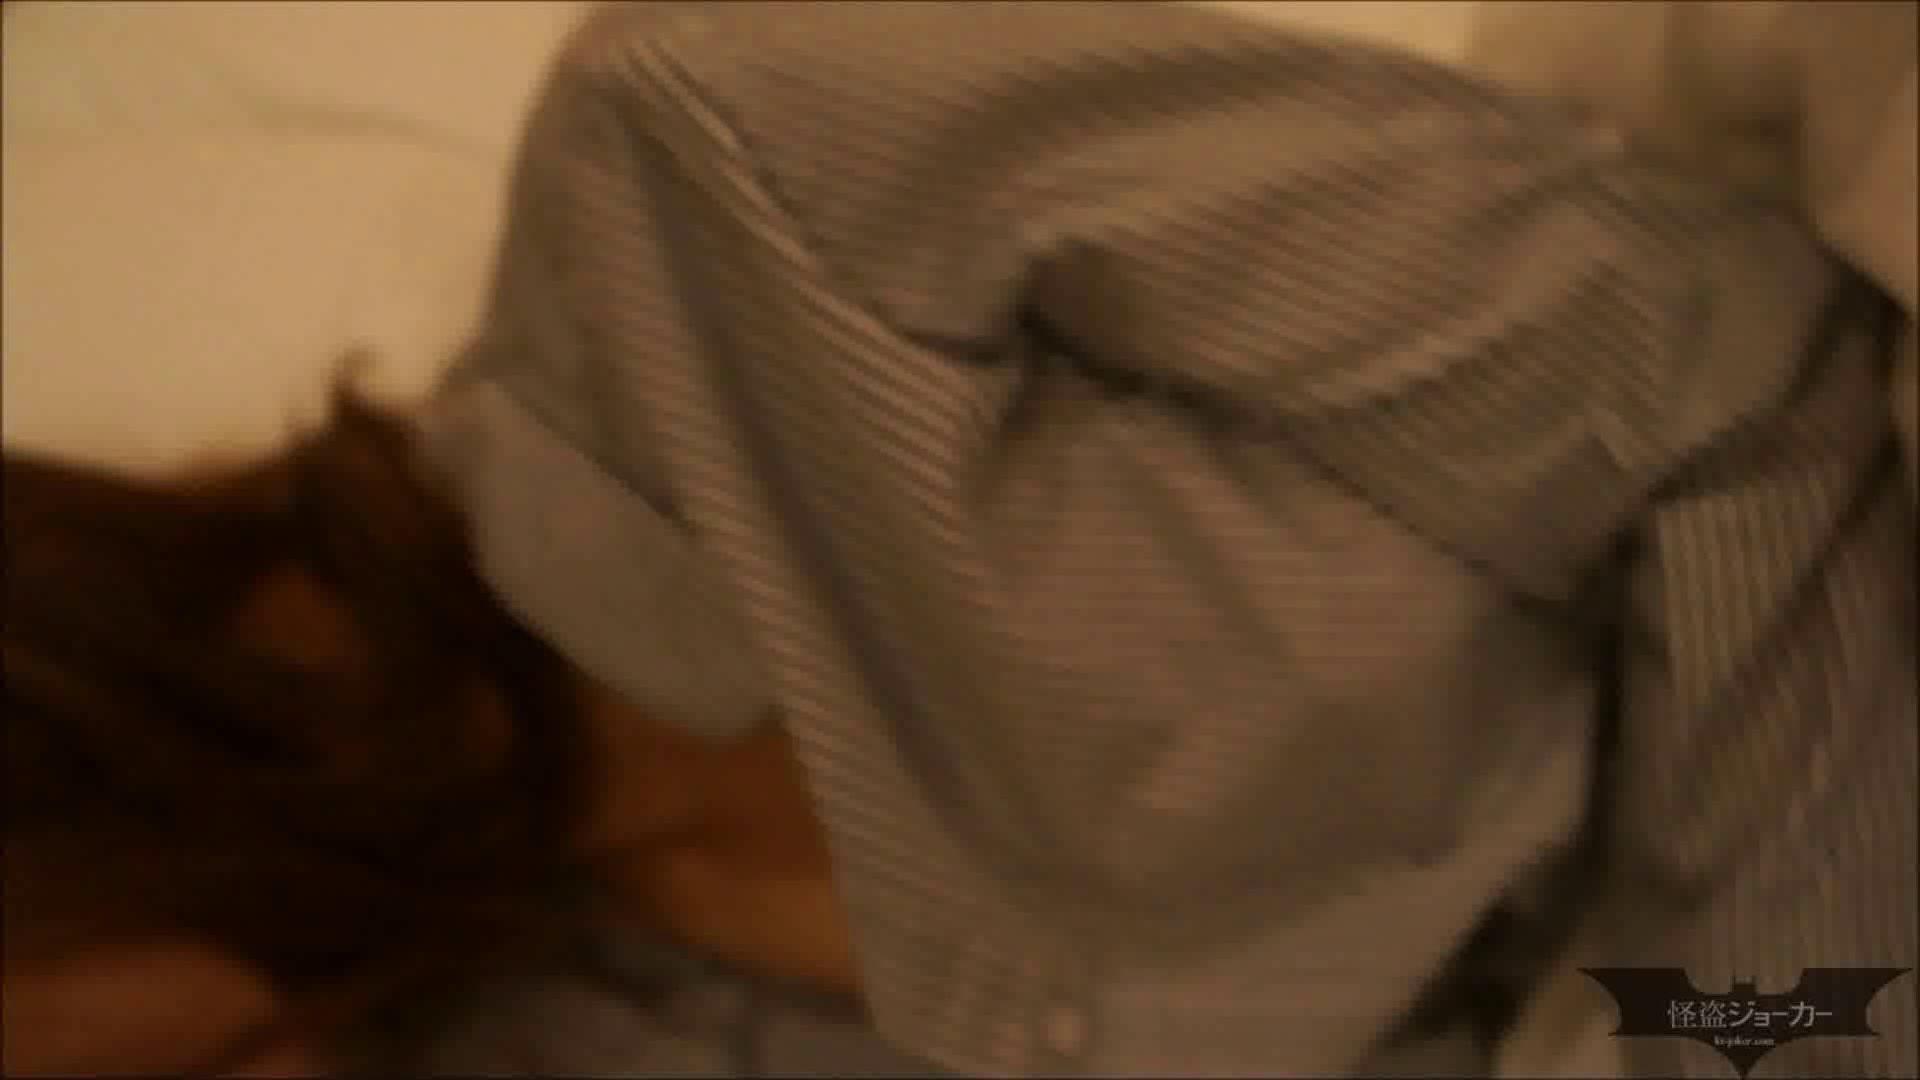 【未公開】vol.19 セレブ美魔女・仕事帰りに口淫、膣内射精、滴り落ちる精液。 いじくり ヌード画像 86枚 74